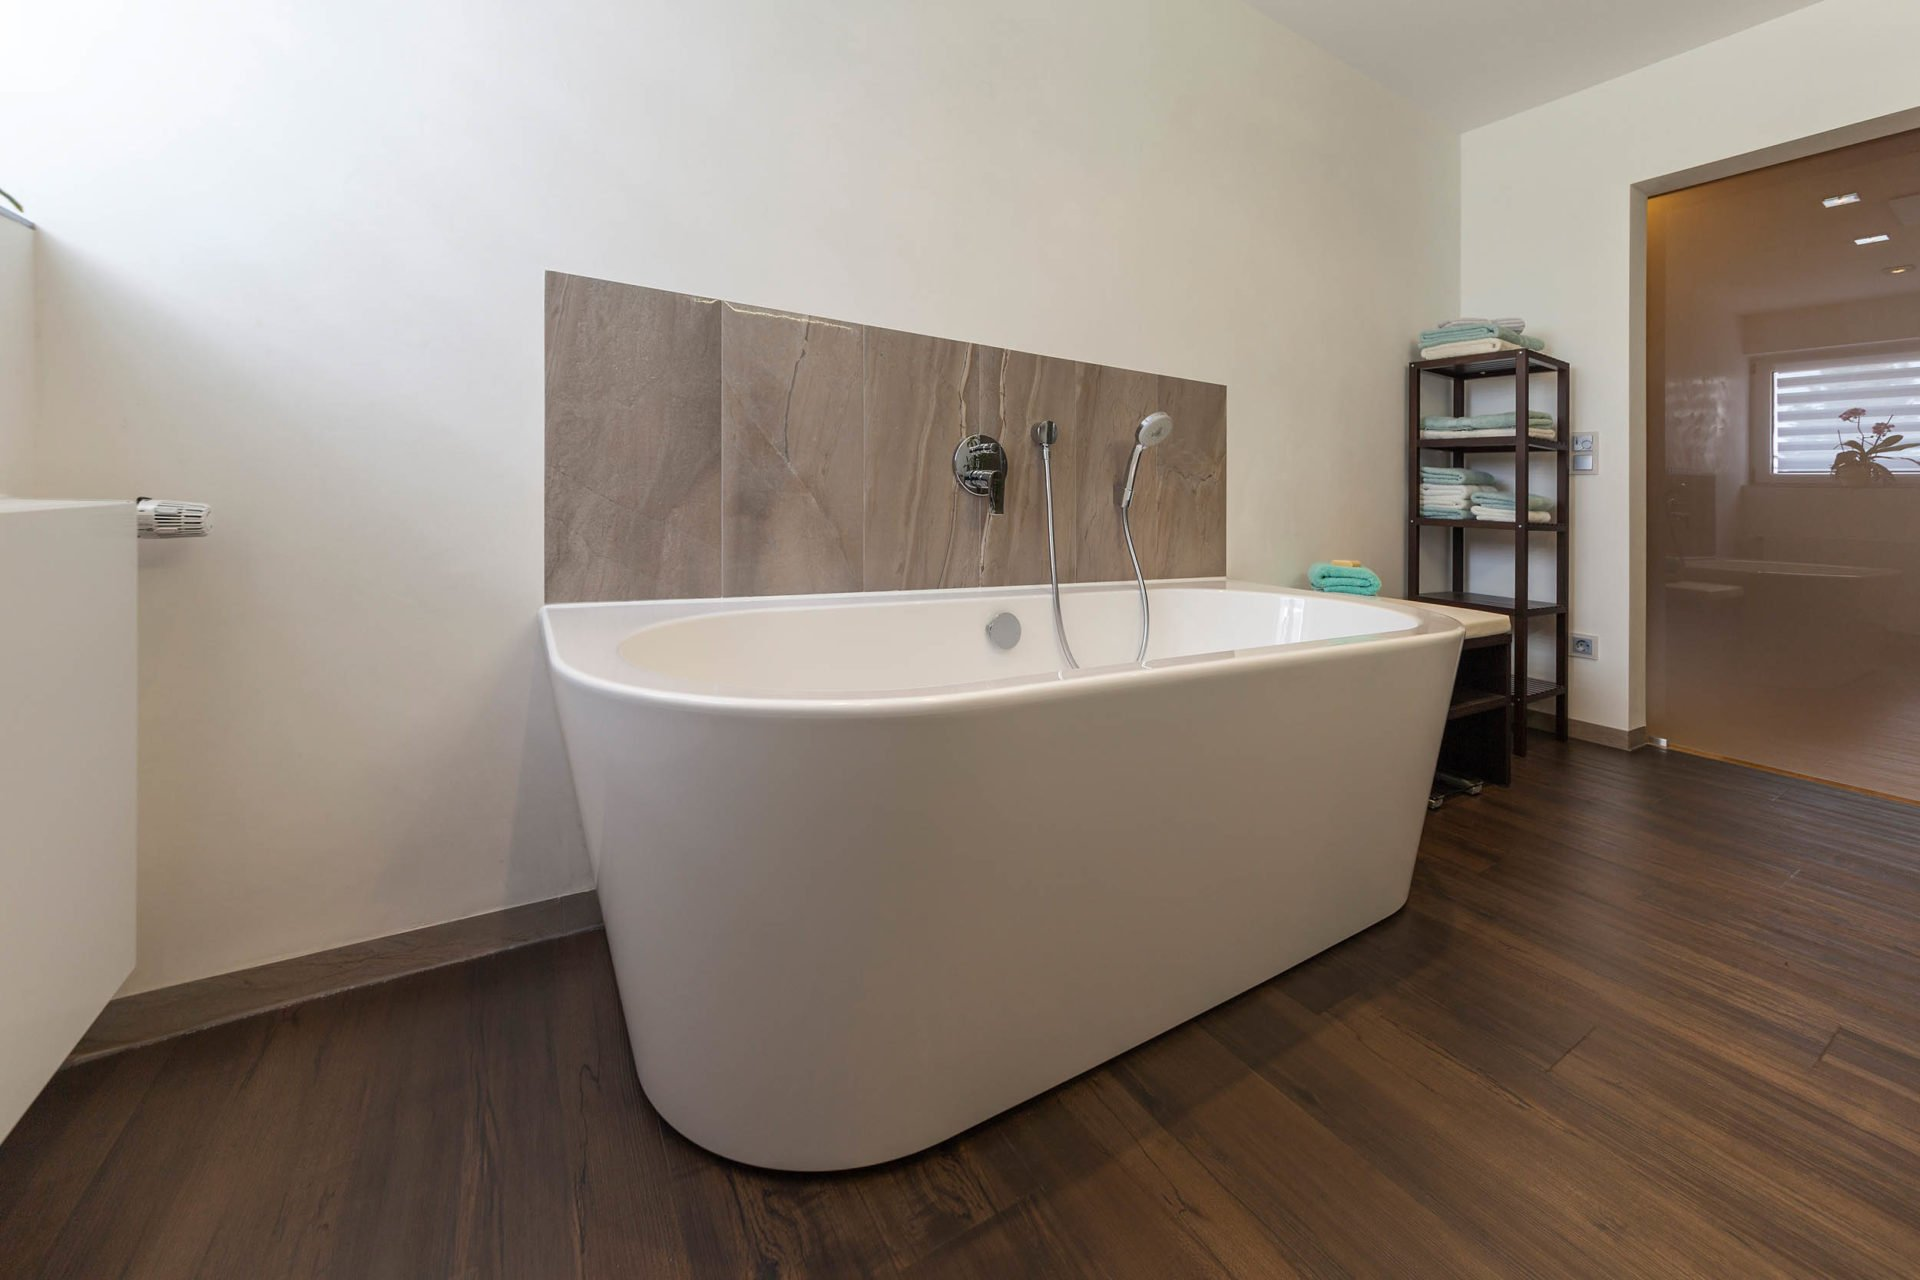 bad referenzbad marmor und holz freistehende badewanne armatur nowak gmbh bergisch gladbach. Black Bedroom Furniture Sets. Home Design Ideas